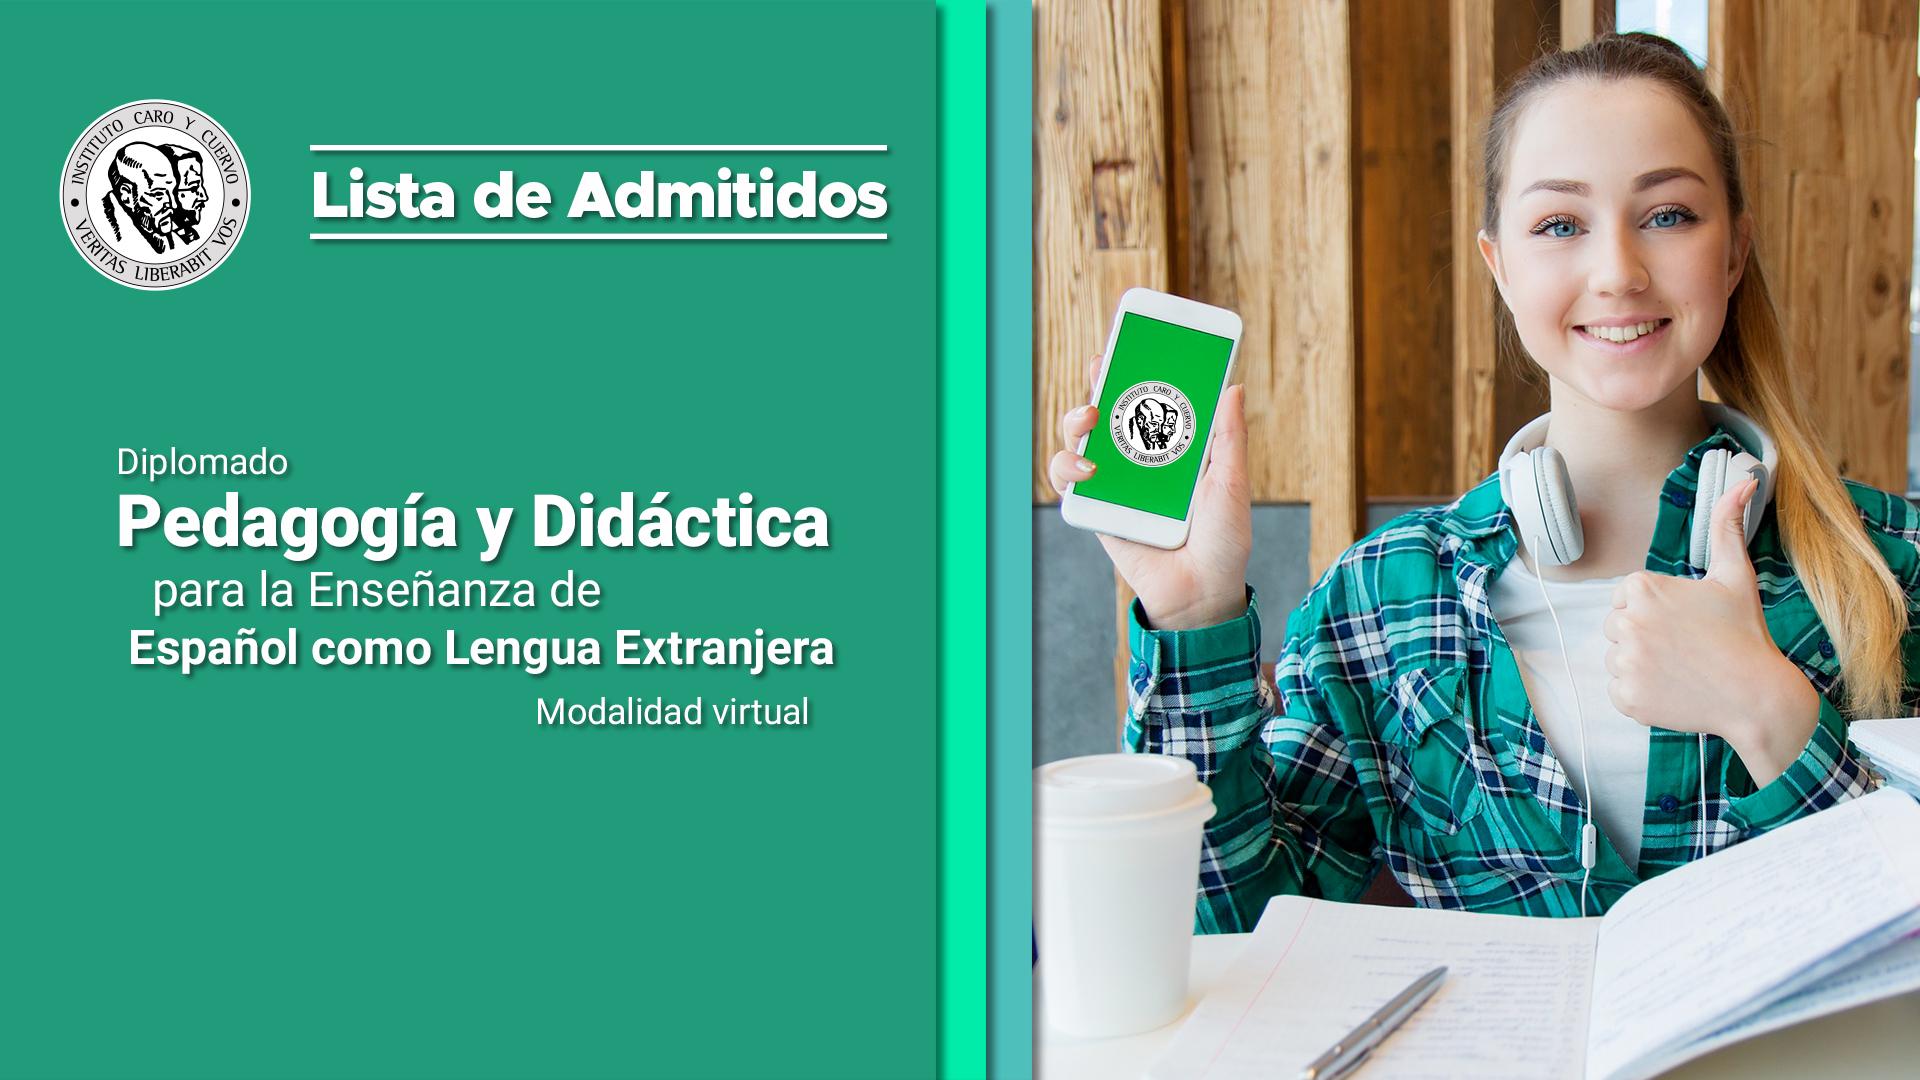 Noticia destacada Pedagogía y Didáctica para la Enseñanza de Español como Lengua Extranjera - Modalidad virtual - 2020-I - Listado de admitidos